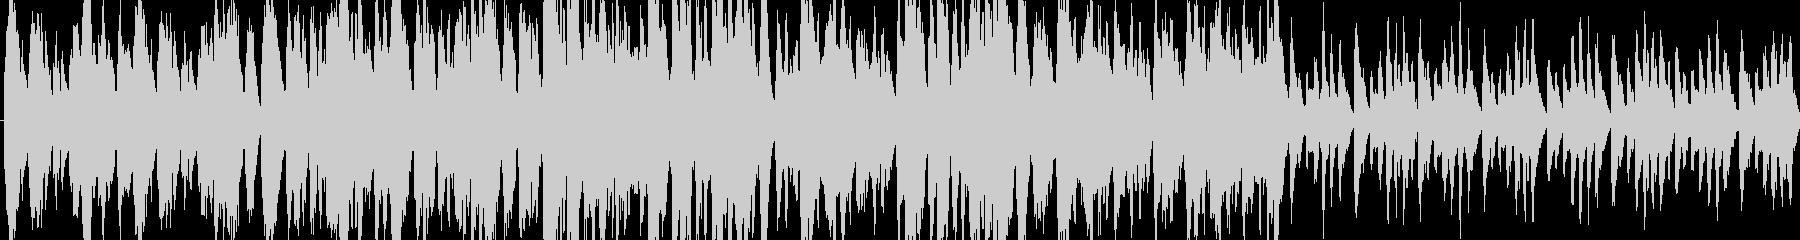 動画用ほのぼのループBGMの未再生の波形